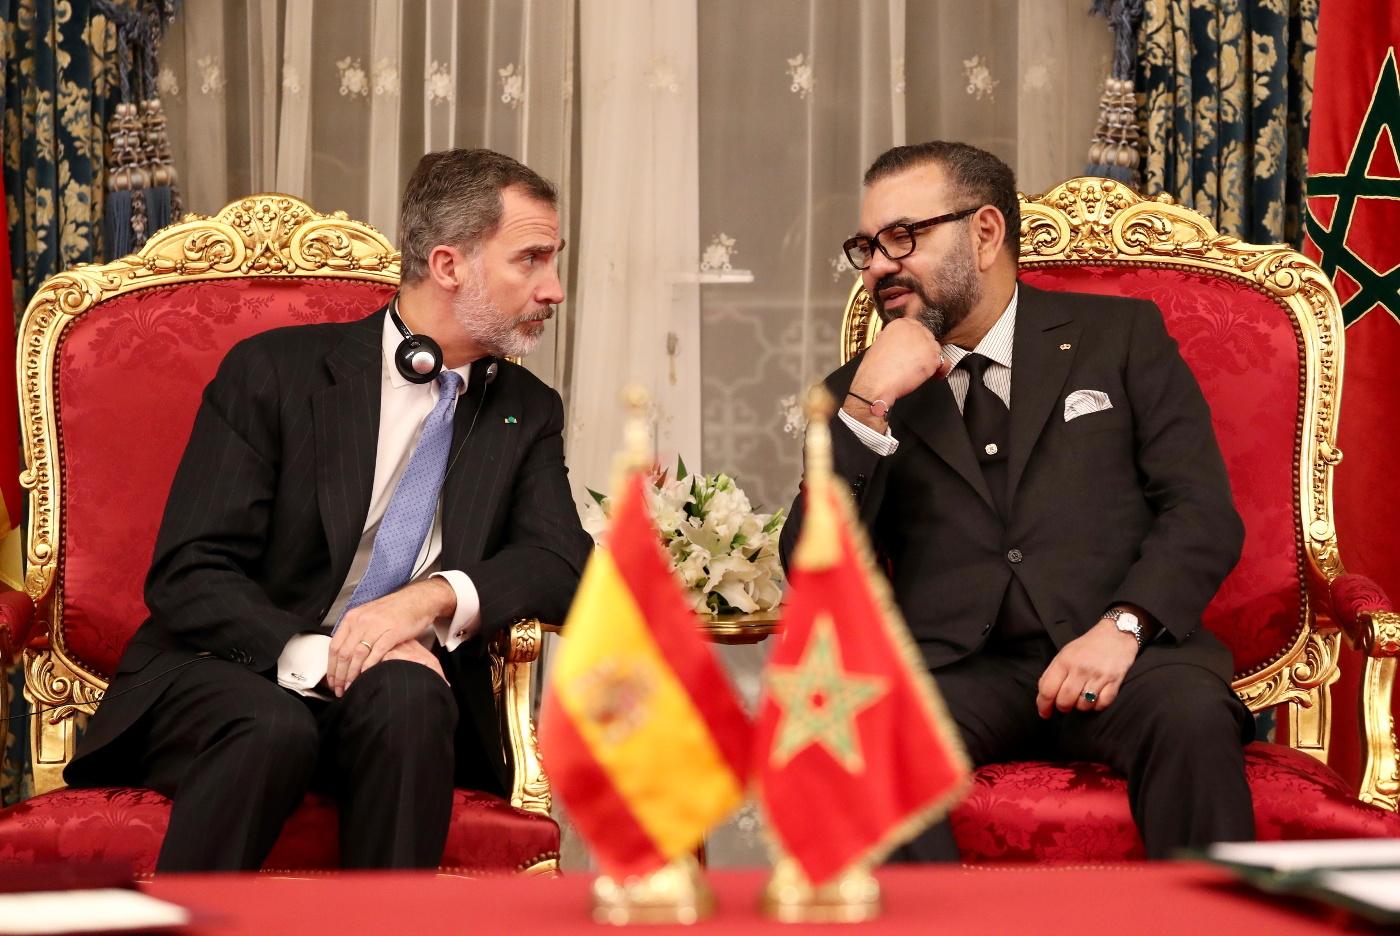 صورة العاهل الاسباني يزور مدينة مليلية المحتلة بدعوة من رئيس مجلس المدينة